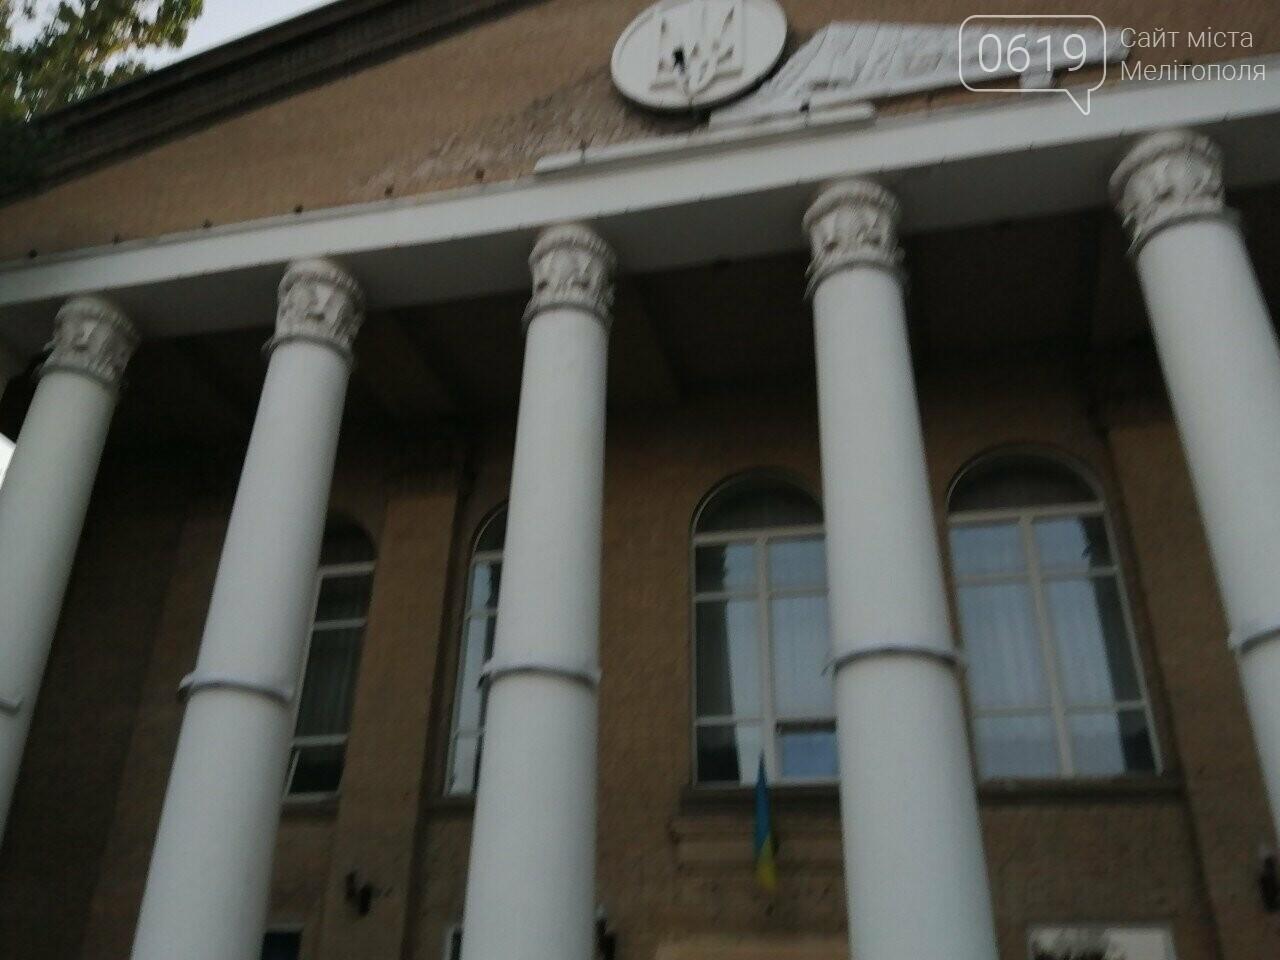 Здание мелитопольского колледжа украшают лепниной, фото-1